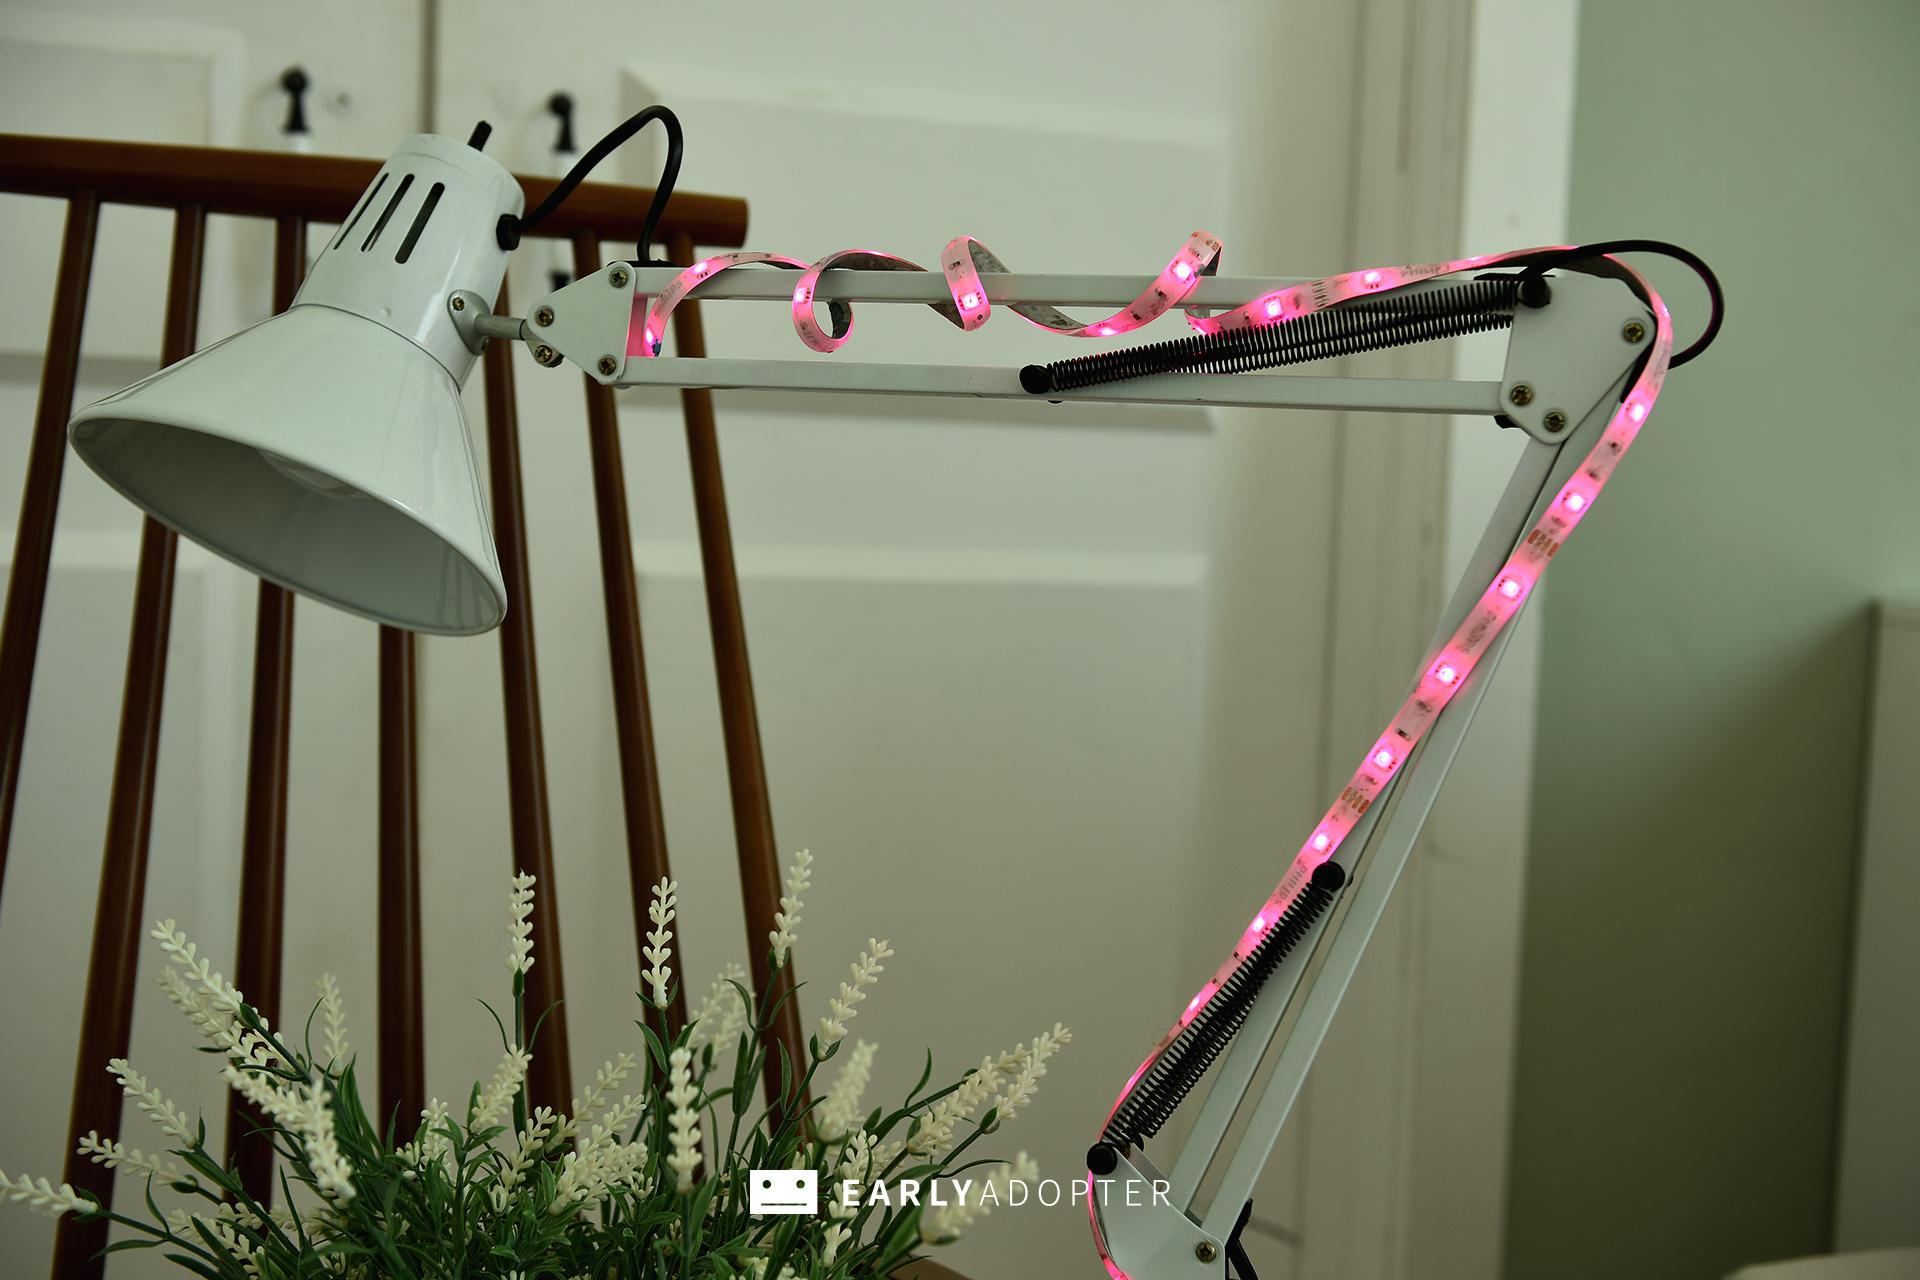 philips hue 2.0 smartlamp smarthome iot (10)